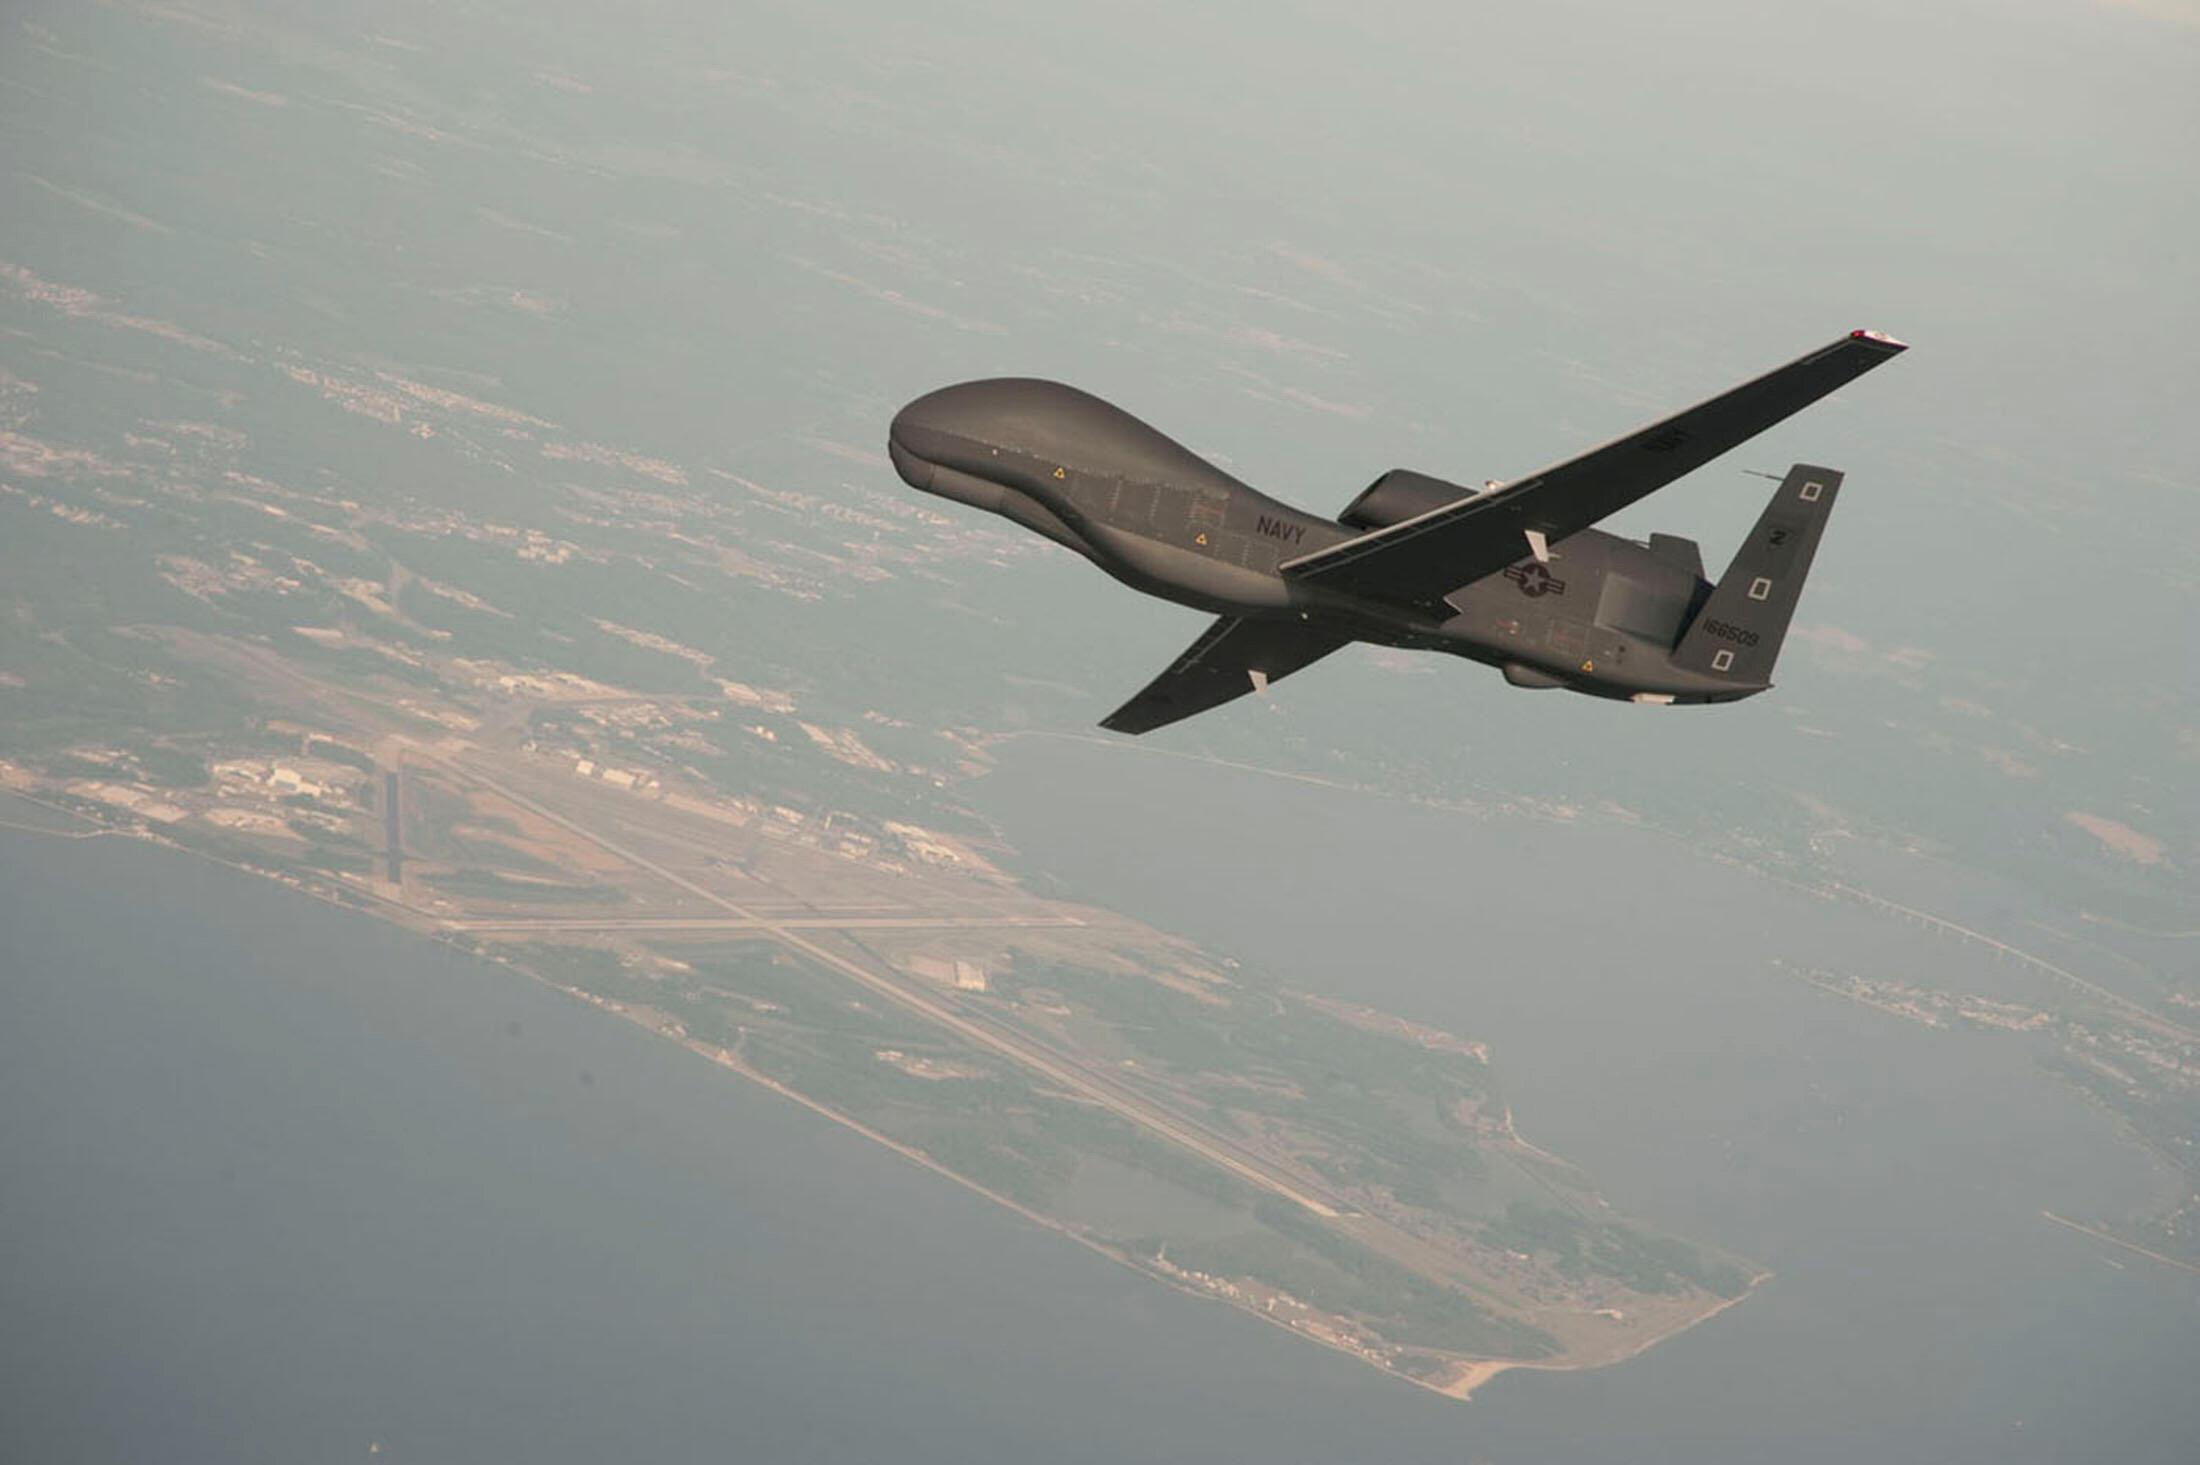 Máy bay không người lái RQ-4 Global Hawk của Hải Quân Mỹ trên không phận căn cứ Patuxent River, Maryland. (Ảnh không ghi ngày chụp)